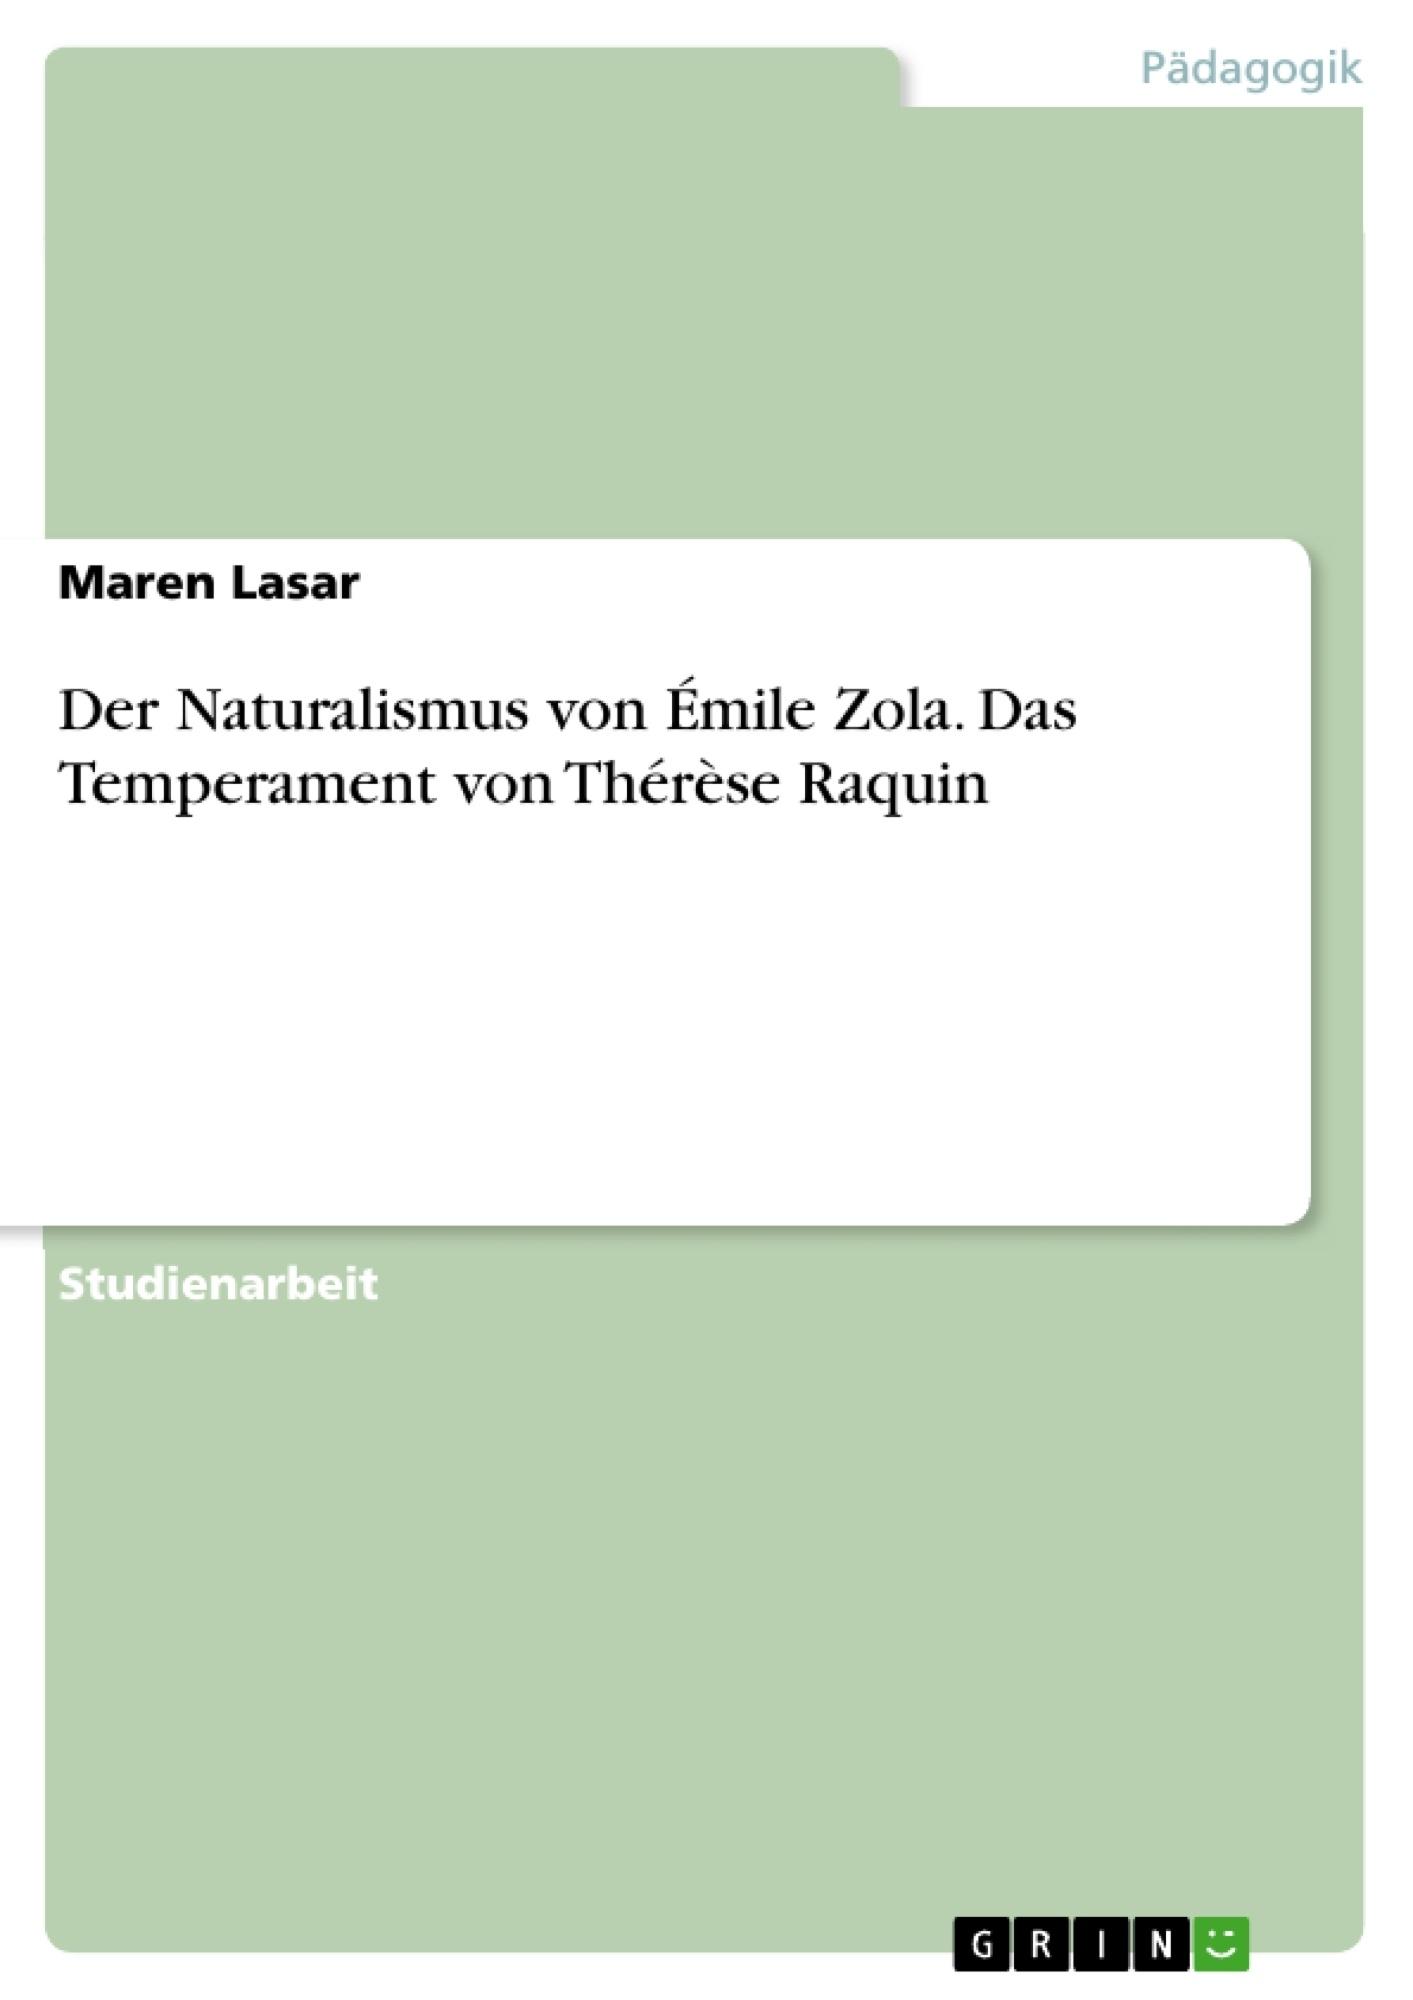 Titel: Der Naturalismus von Émile Zola. Das Temperament von Thérèse Raquin